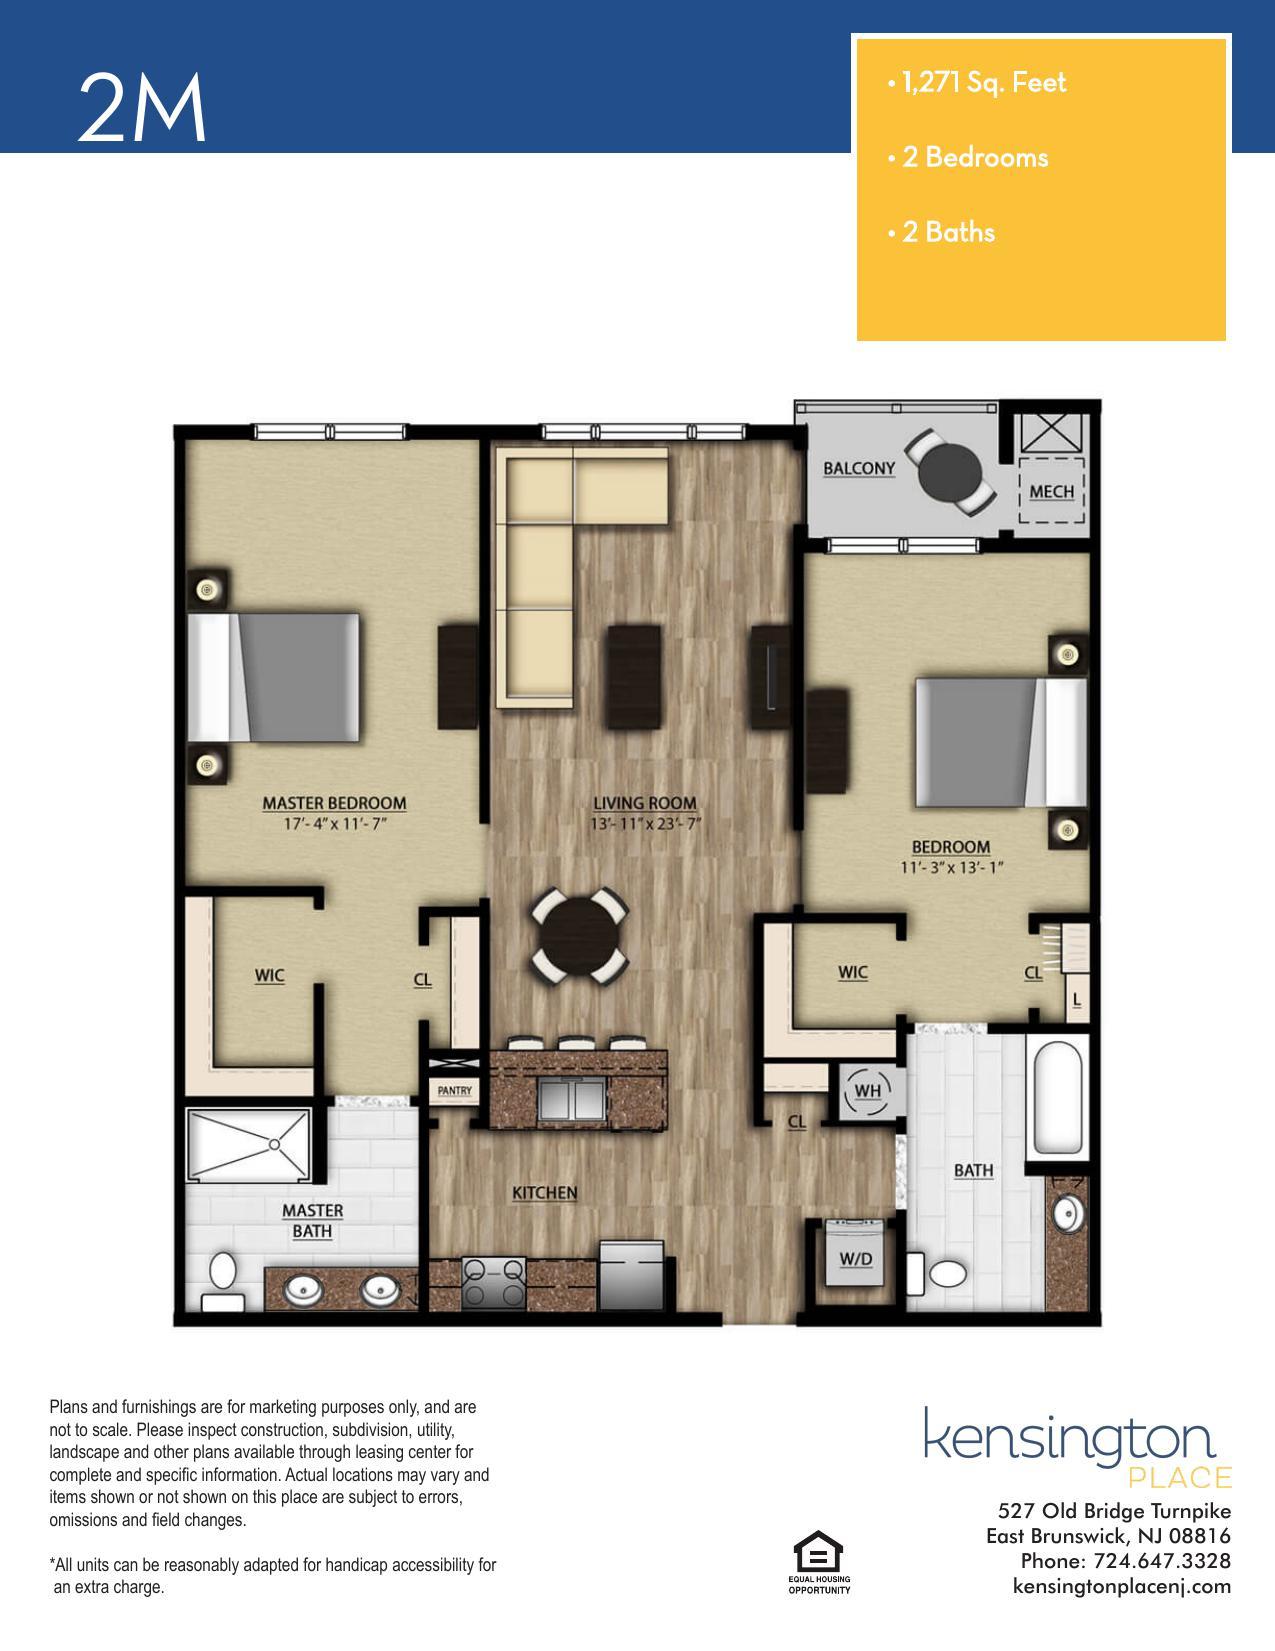 2M Floor Plan